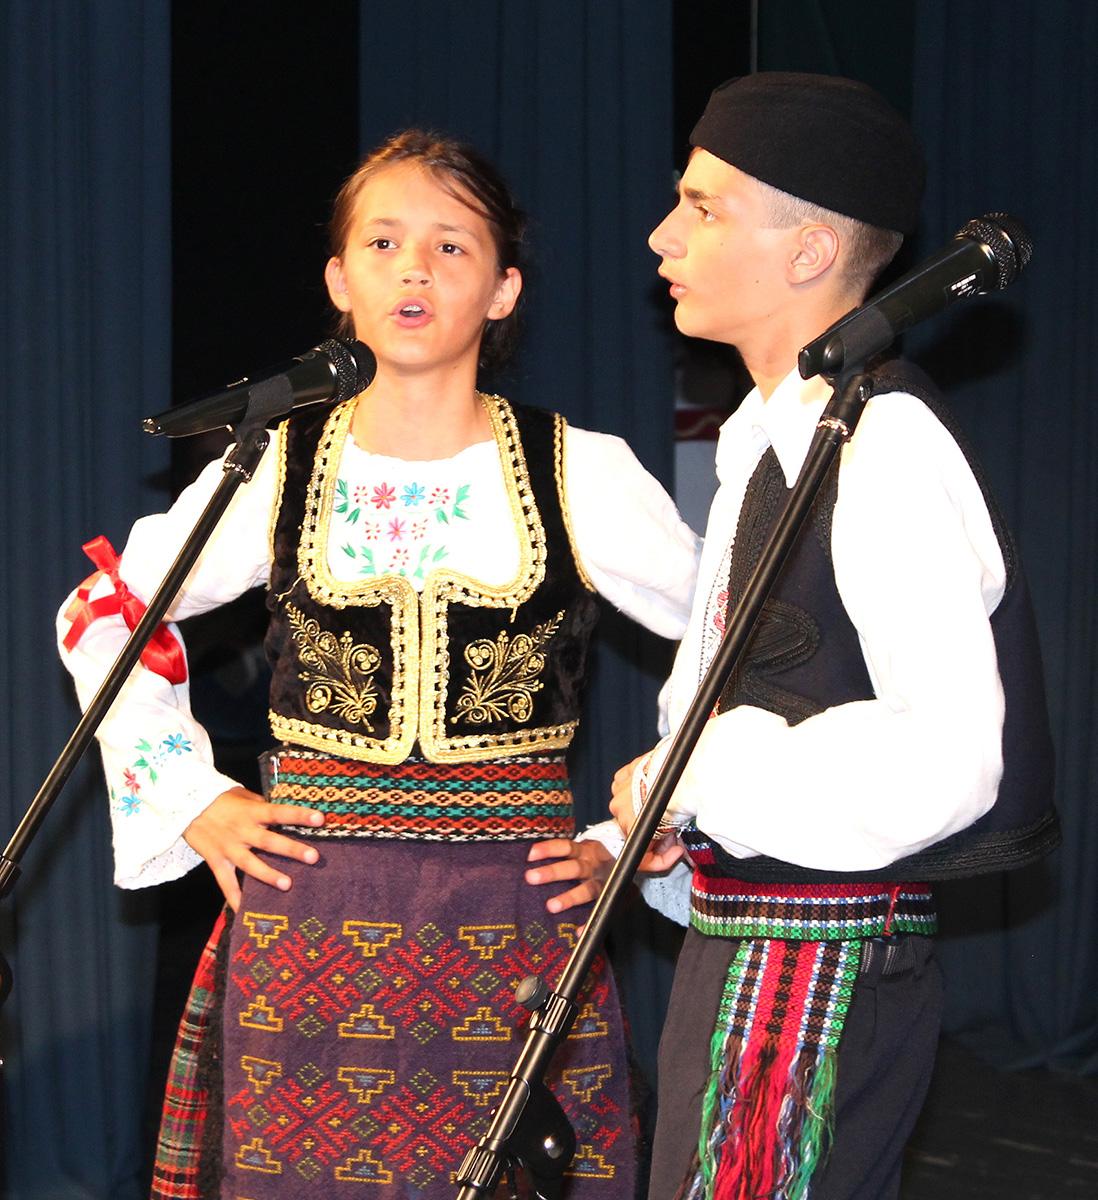 Брат и сестра Сара и Страхиња Цвијетић из Прибојске Бање